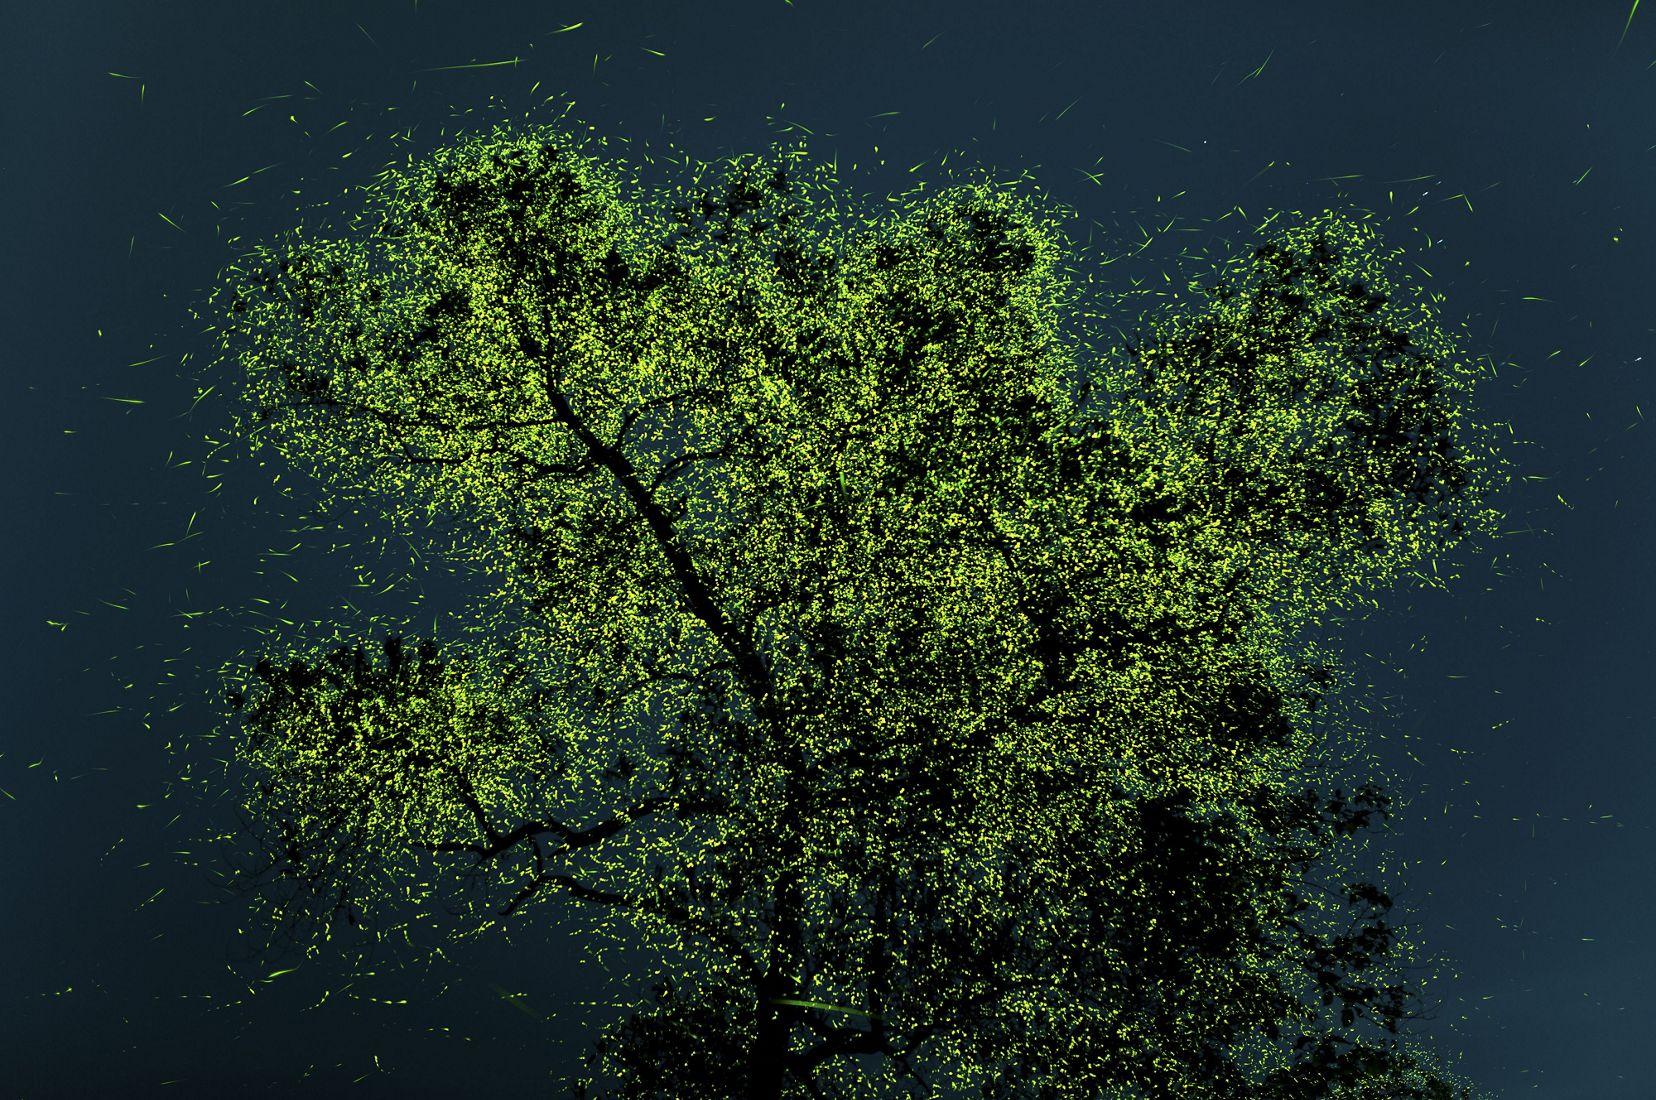 Justo antes del monzón, estas luciérnagas se congregan en ciertas regiones de India y, en algunos árboles especiales como este, se encuentran en una cantidad increíble que puede llegar a ser de millones.